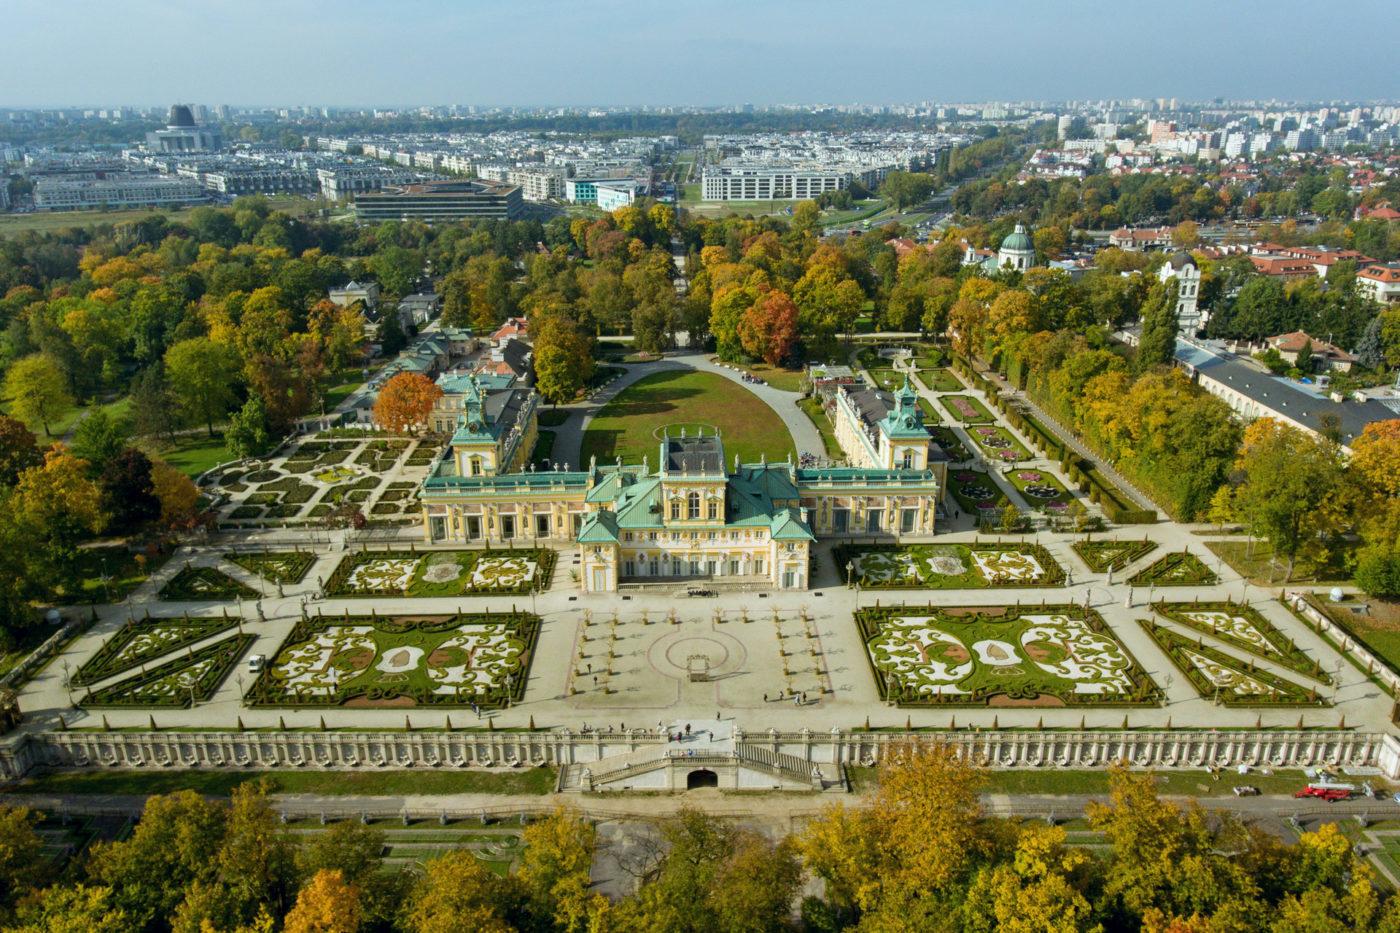 Darmowe atrakcje Warszawy – towarto zobaczyć (Top7)